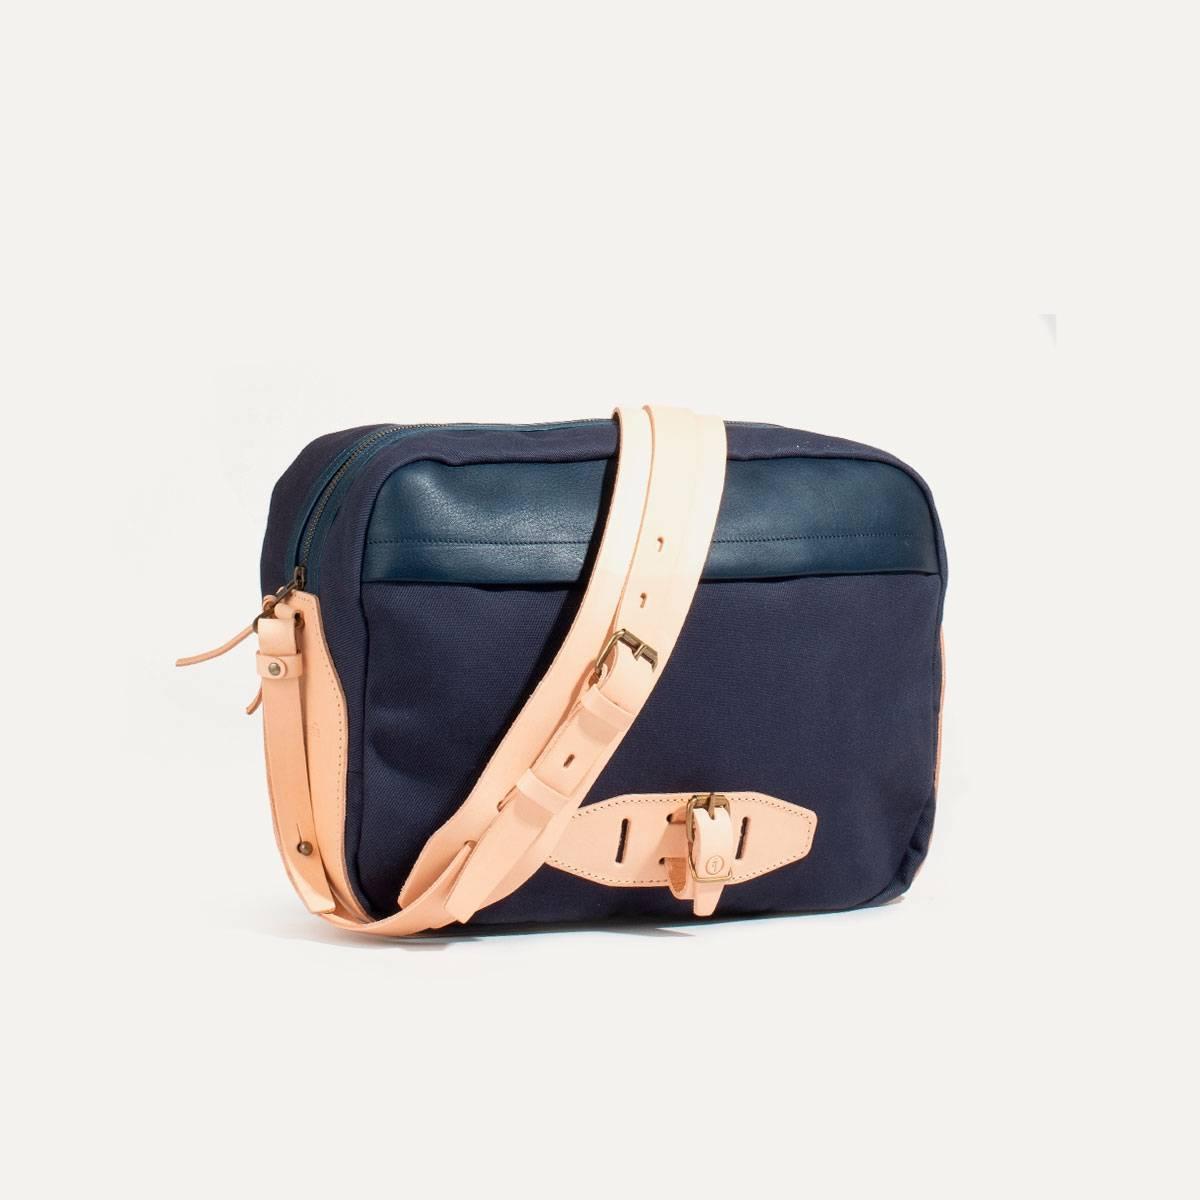 Uzu Belt bag - Navy blue / Natural (image n°2)